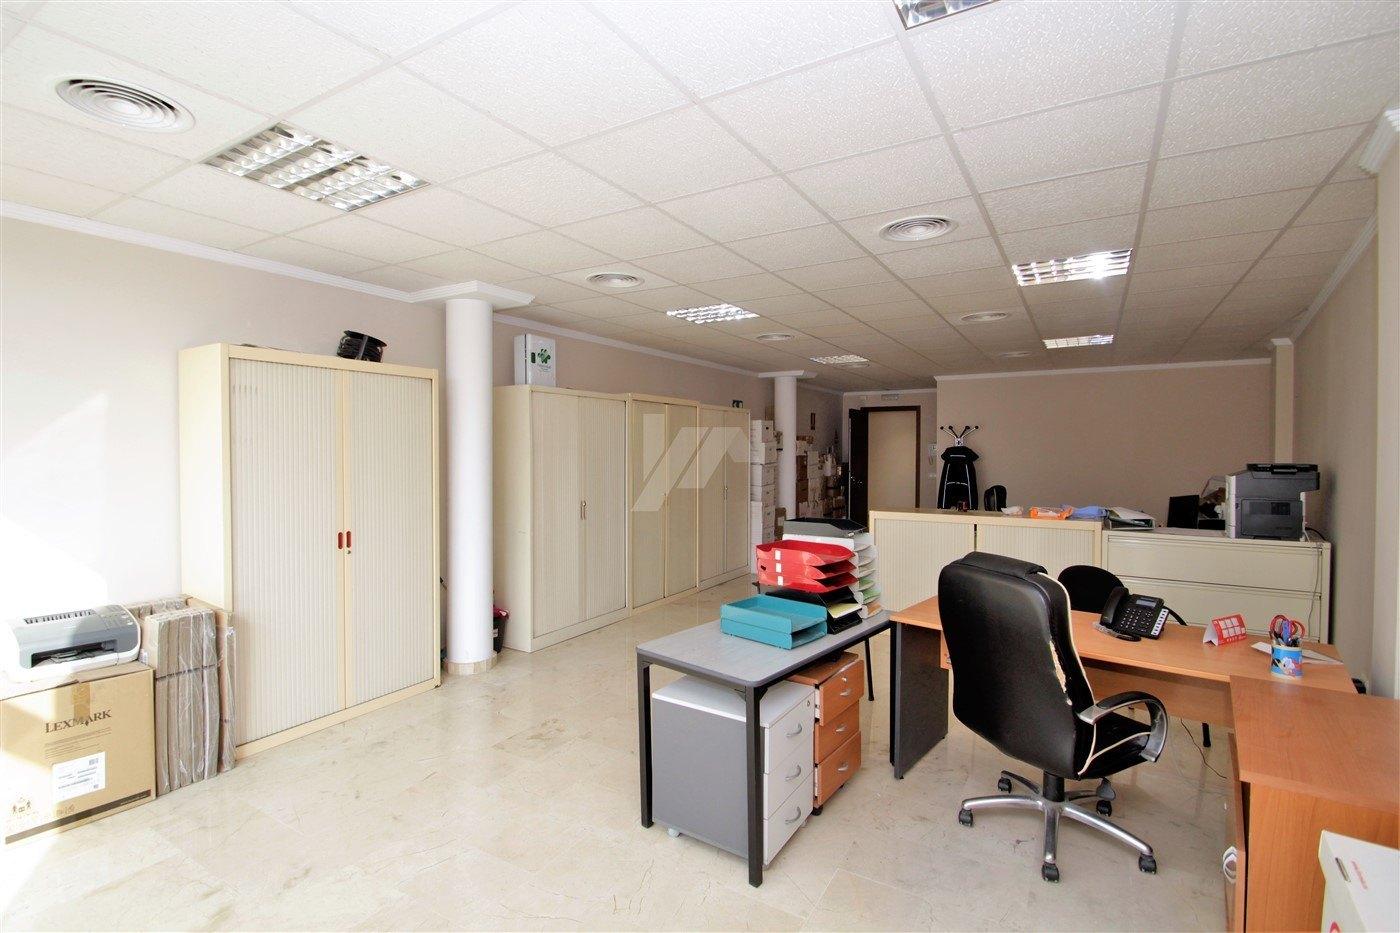 Espace de bureau à vendre à Teulada, Costa Blanca.